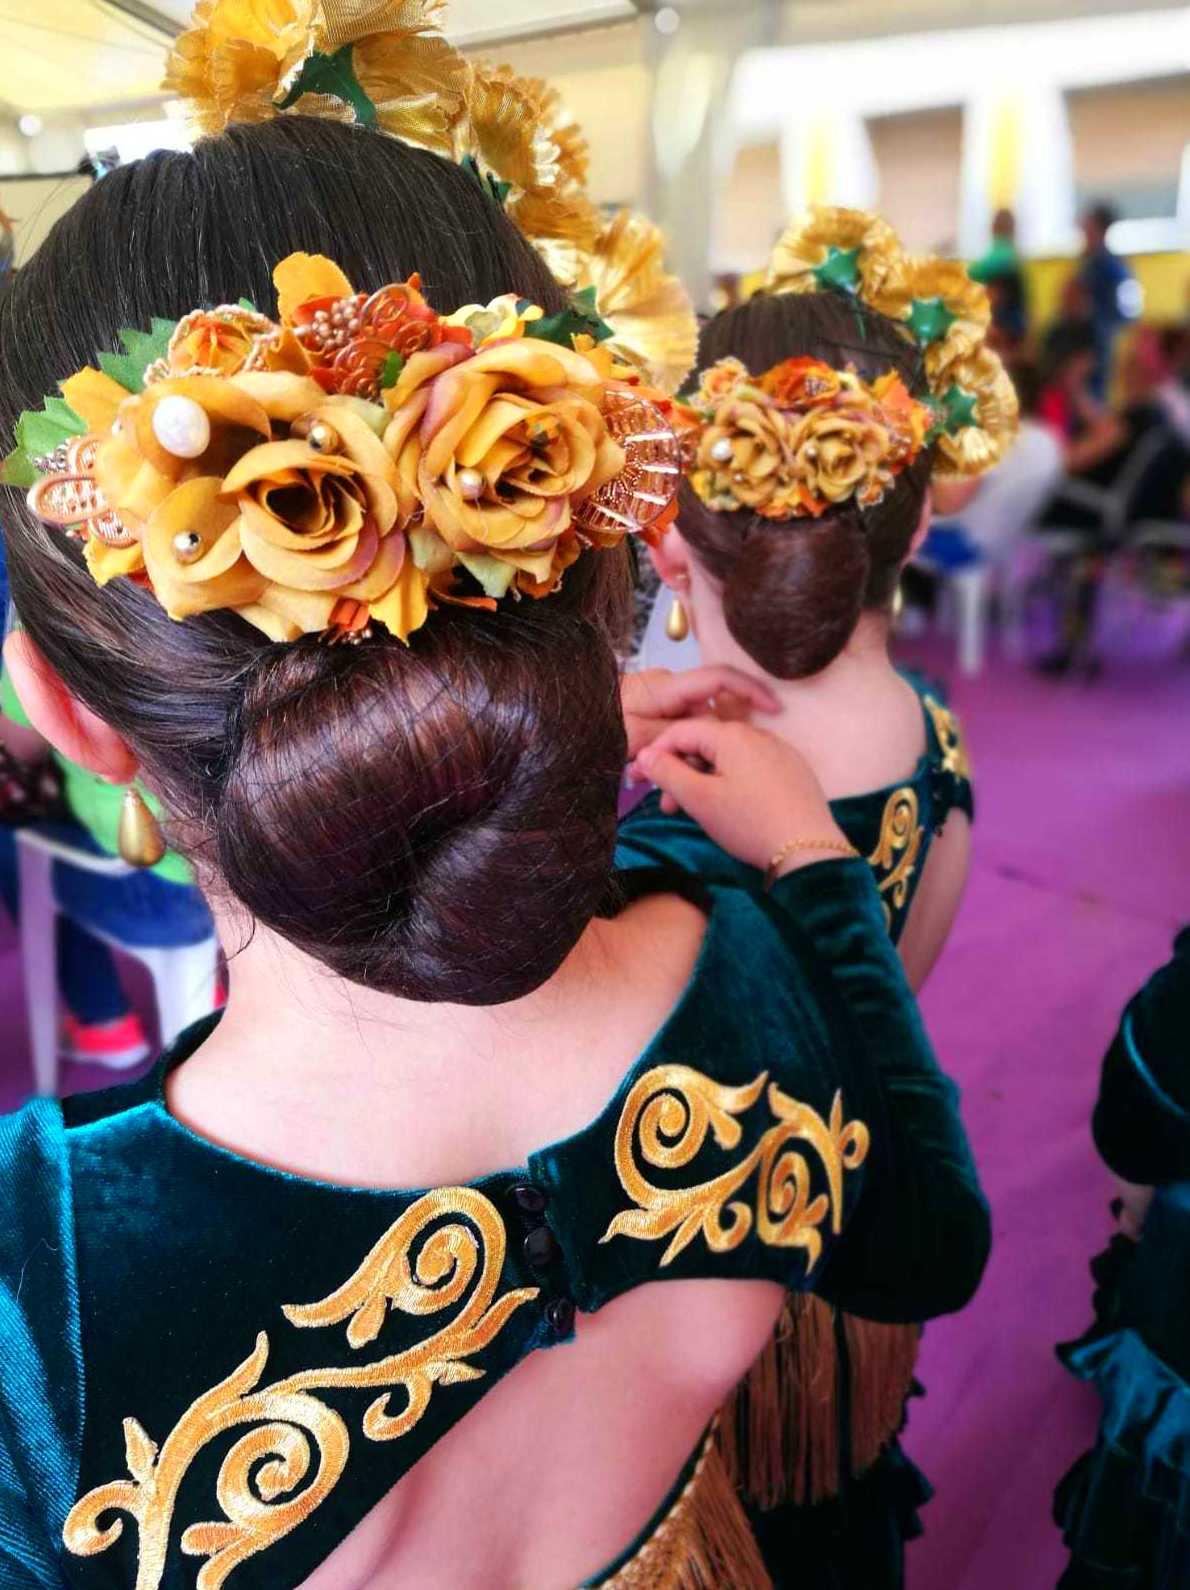 Foto 19 de Escuelas de música, danza e interpretación en Alcalá de Henares | Escuela de Danza Pepe Vento